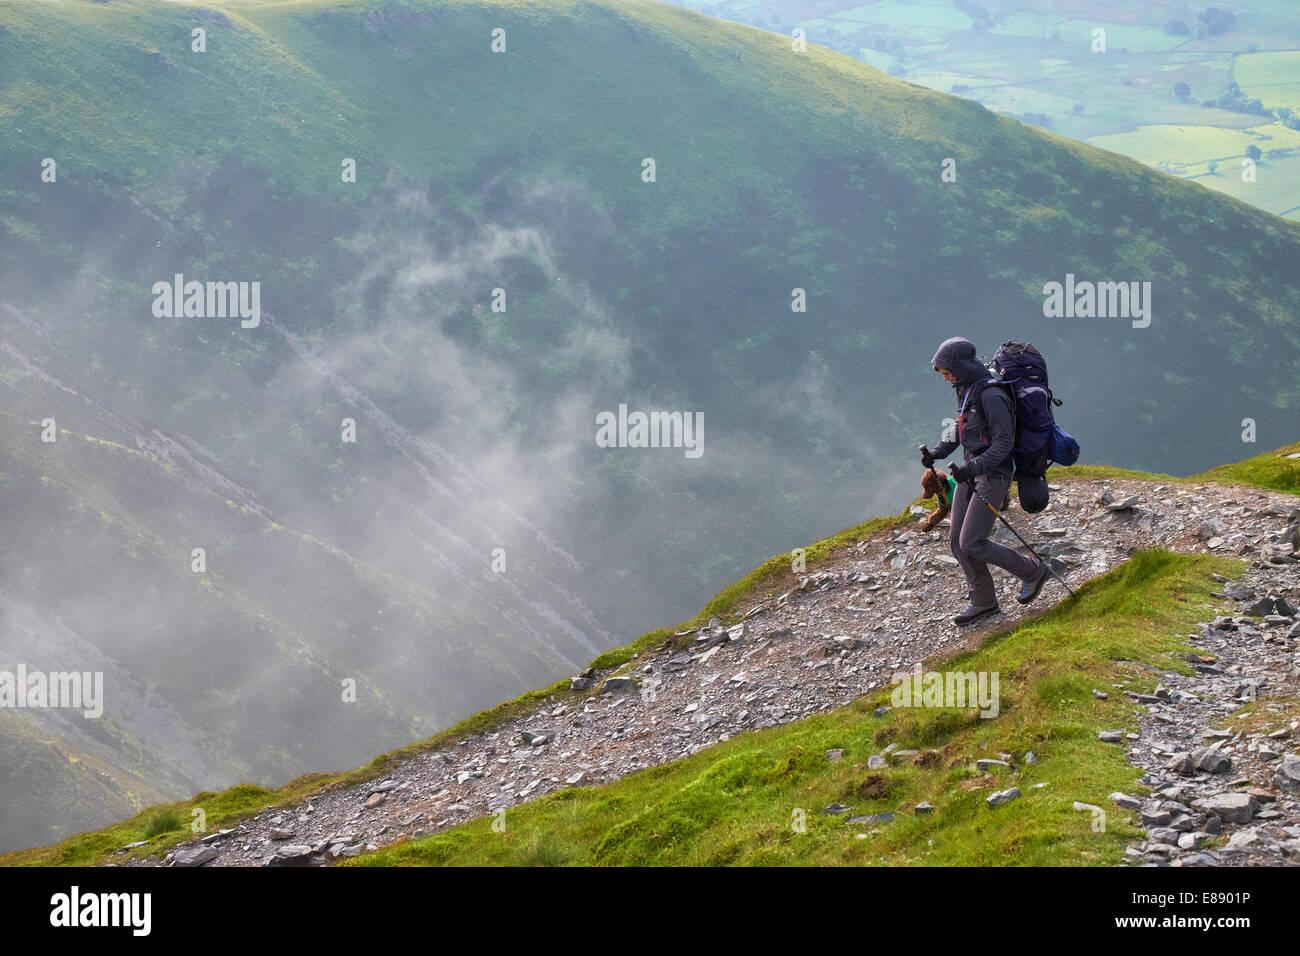 Un excursionista caminando por escamas cayó desde la cumbre de Blencathra en el Lake District, Cumbria, Inglaterra.UK. Imagen De Stock